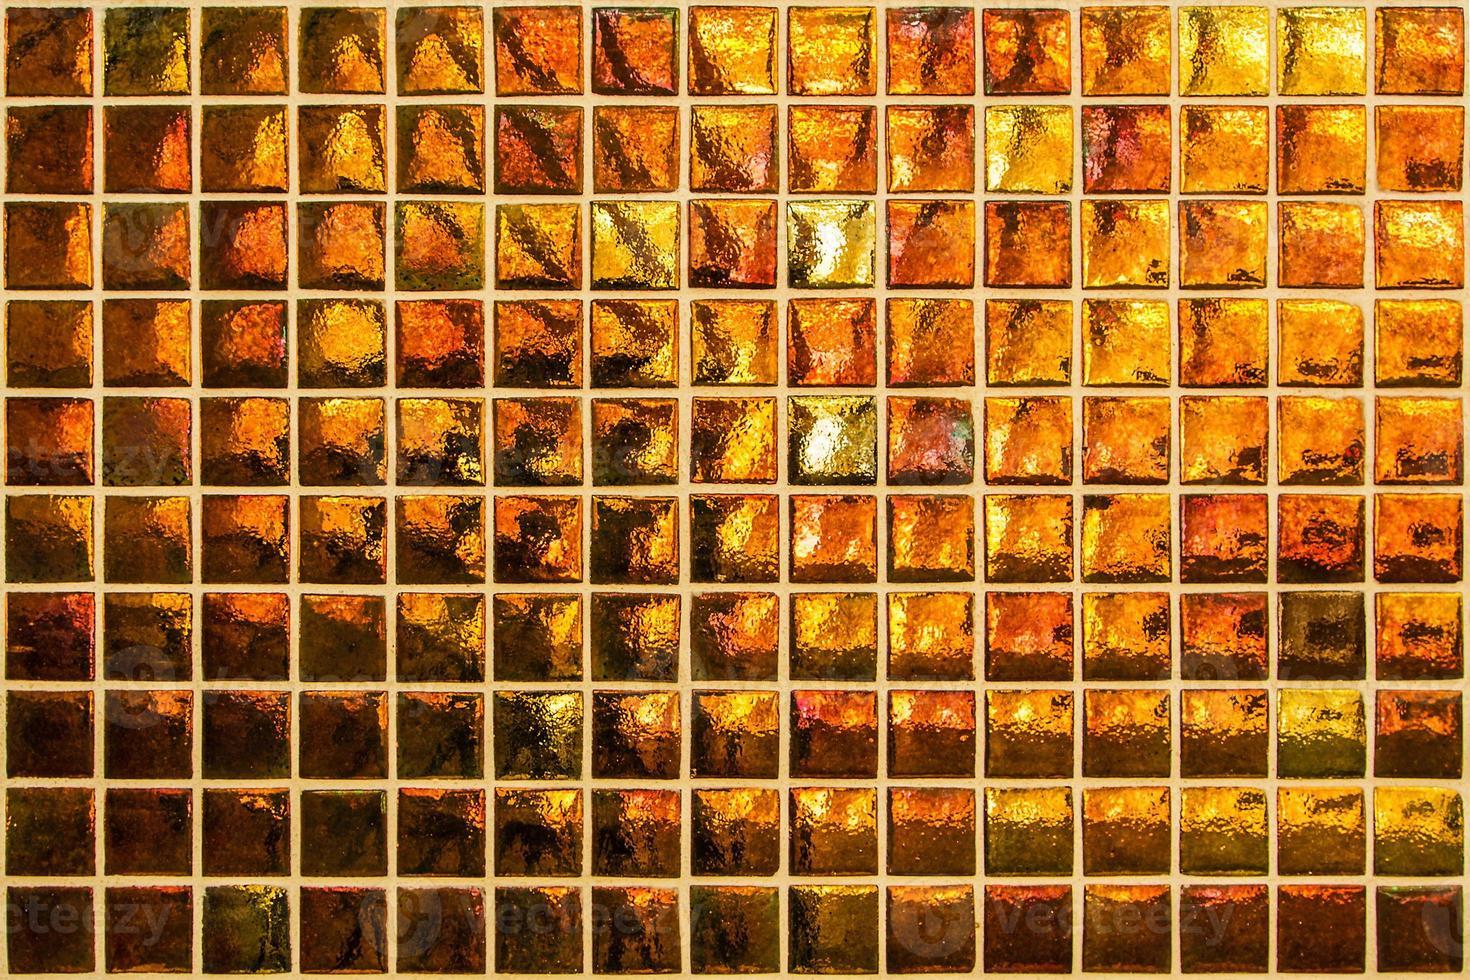 modernes orangefarbenes Mosaik mit kleinen Quadraten foto